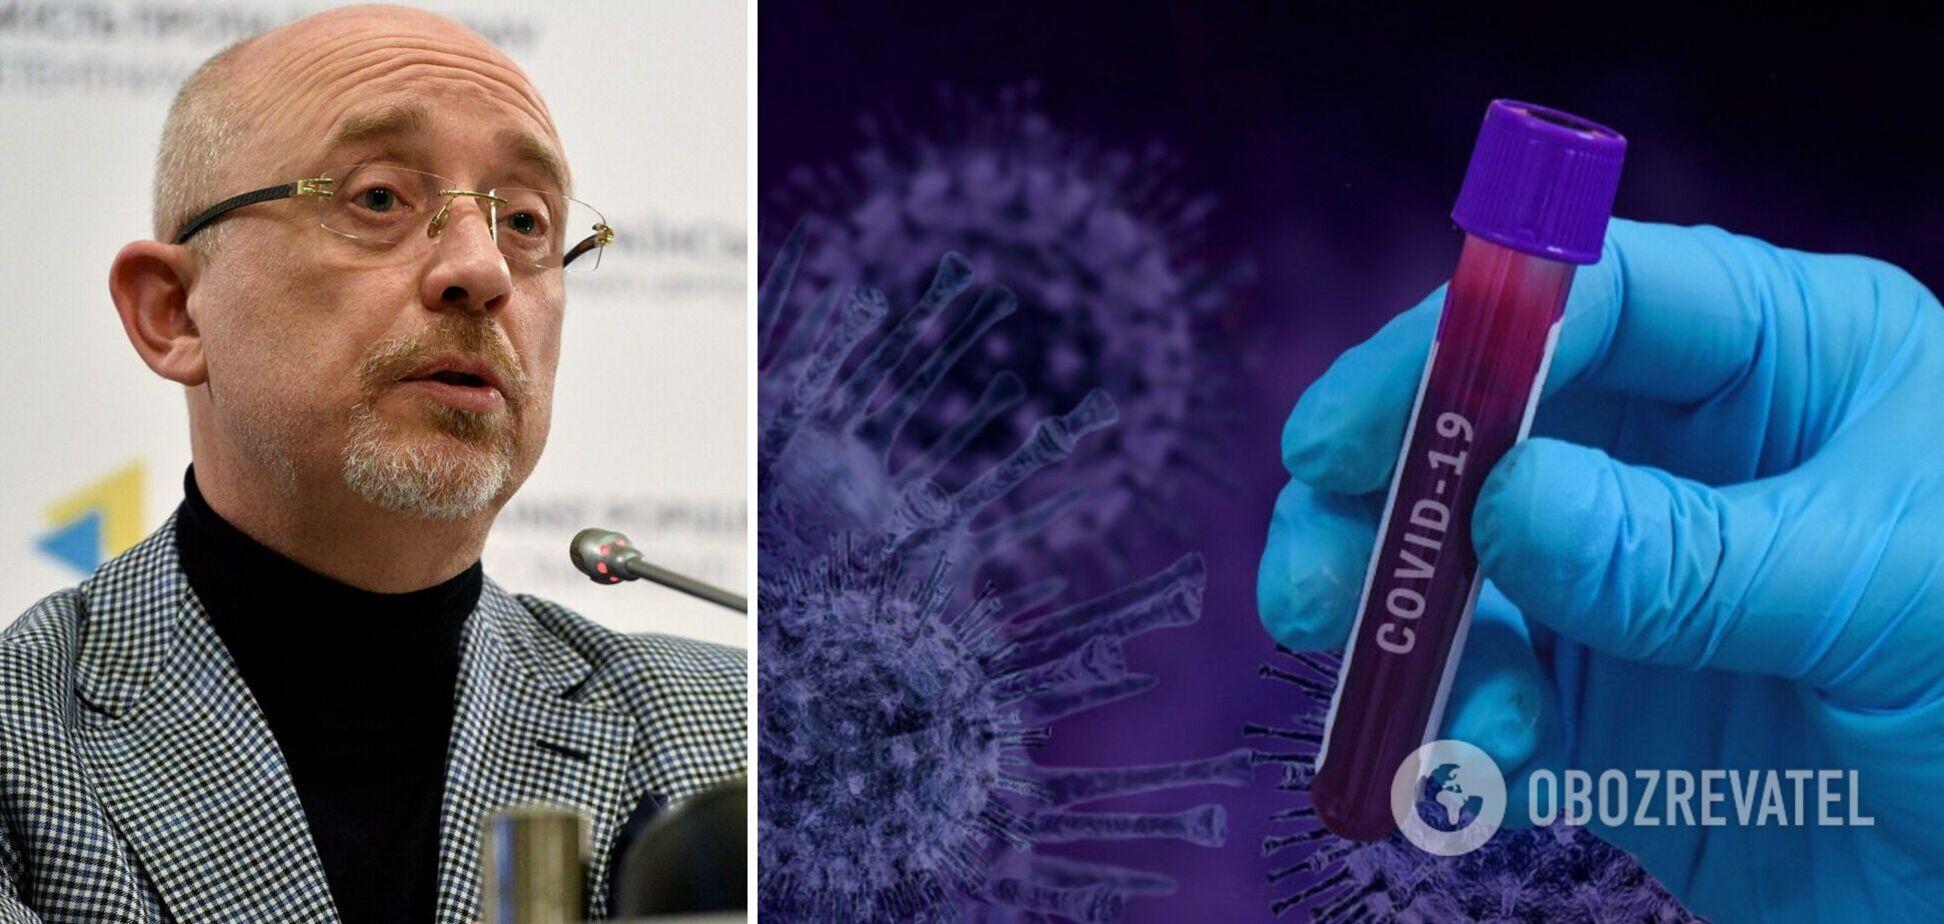 Резніков: смертність від коронавірусу в ОРДЛО вища, ніж будь-де у світі